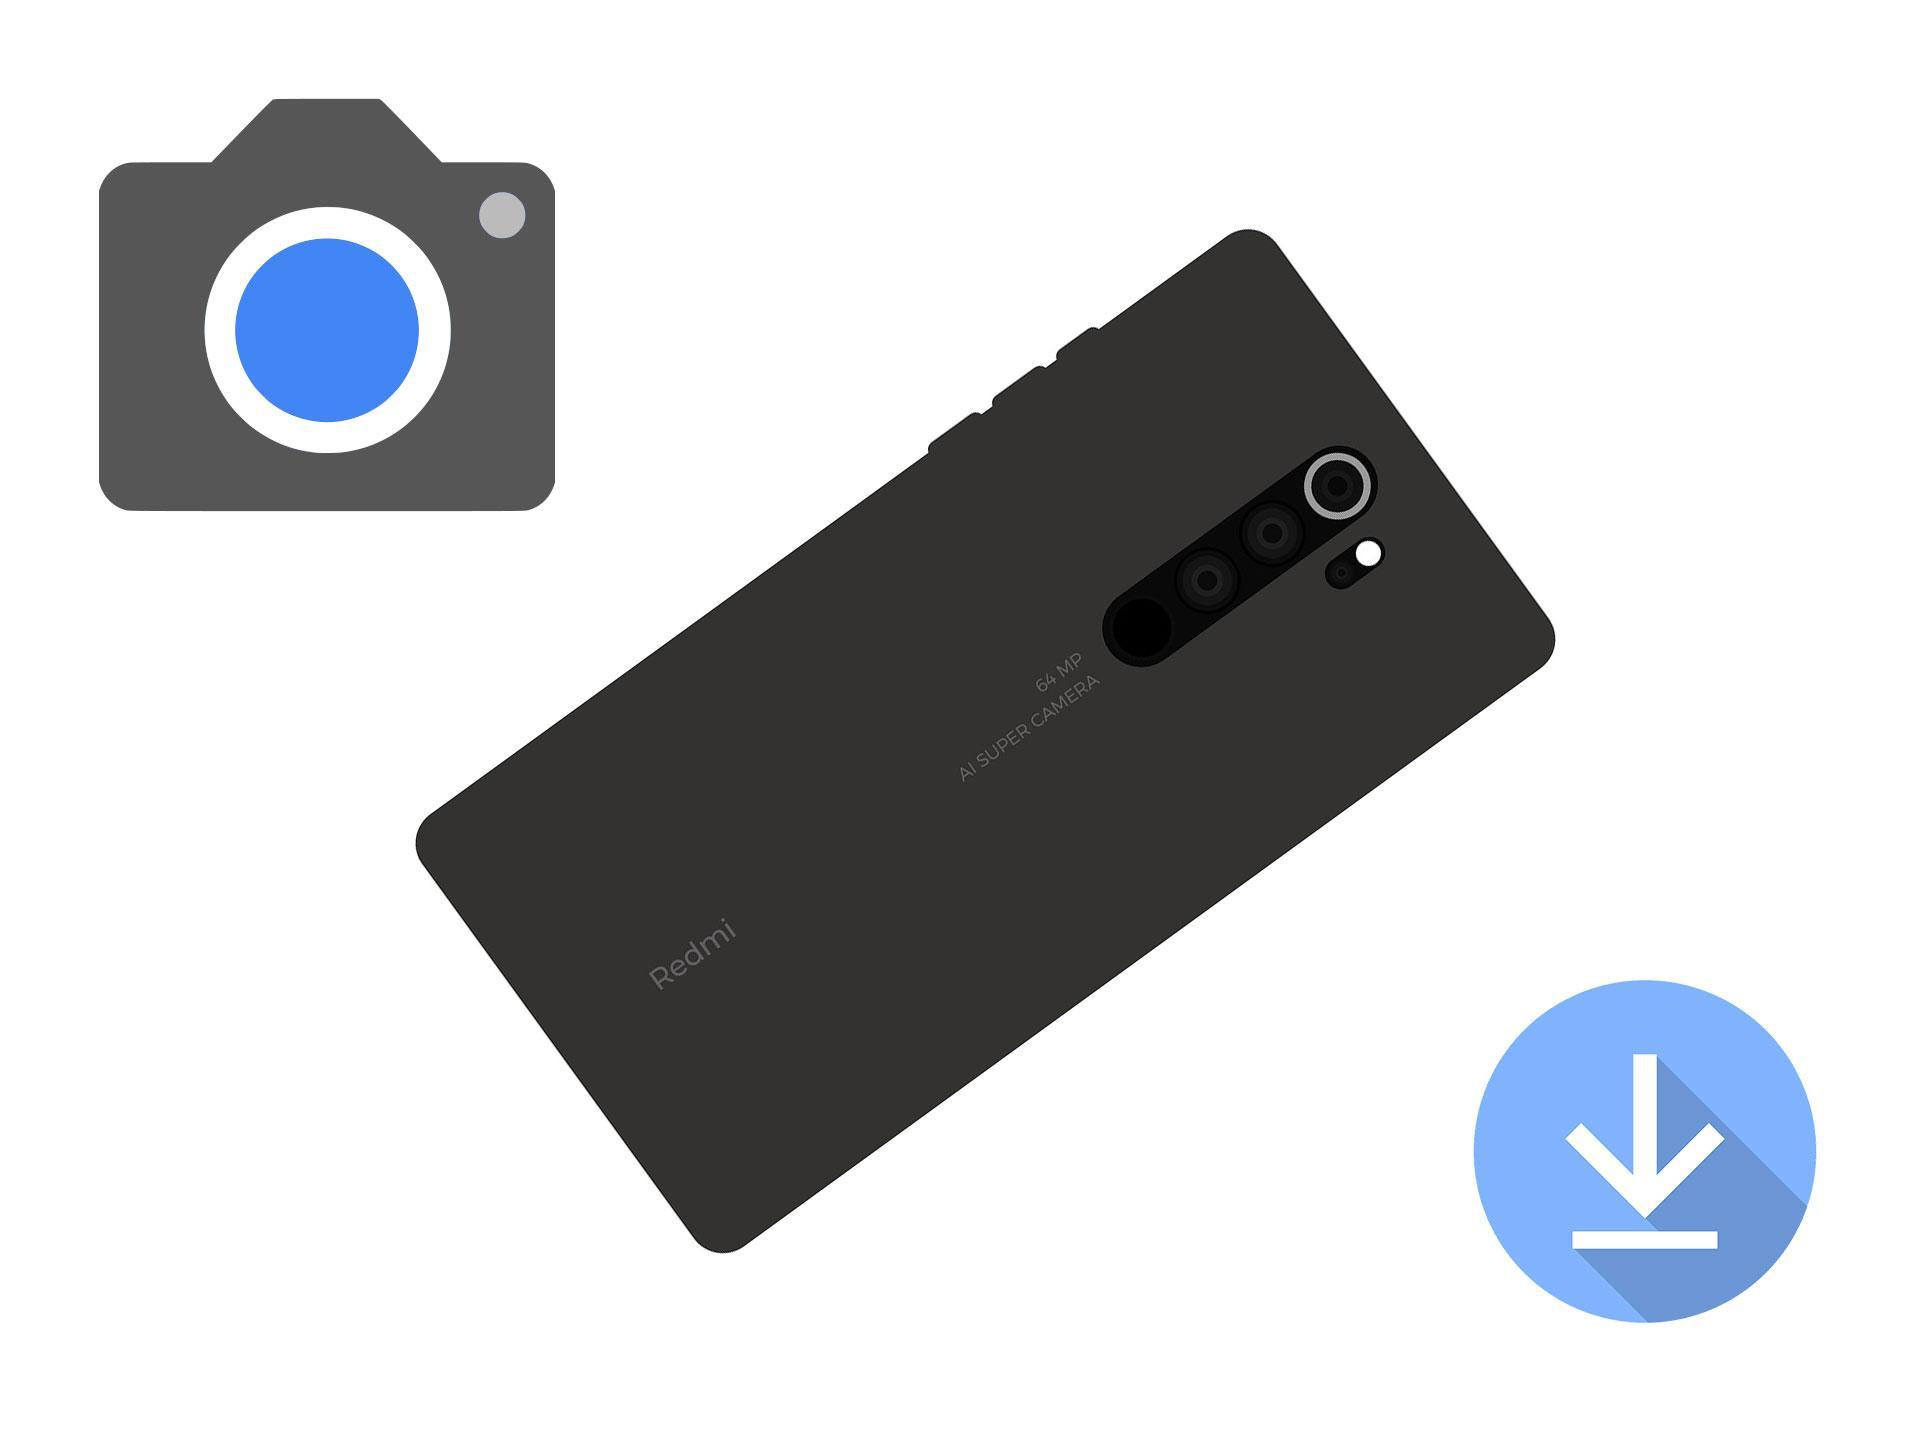 Google Camera получила обновление 7.3.021. Порты для разных смартфонов уже готовы